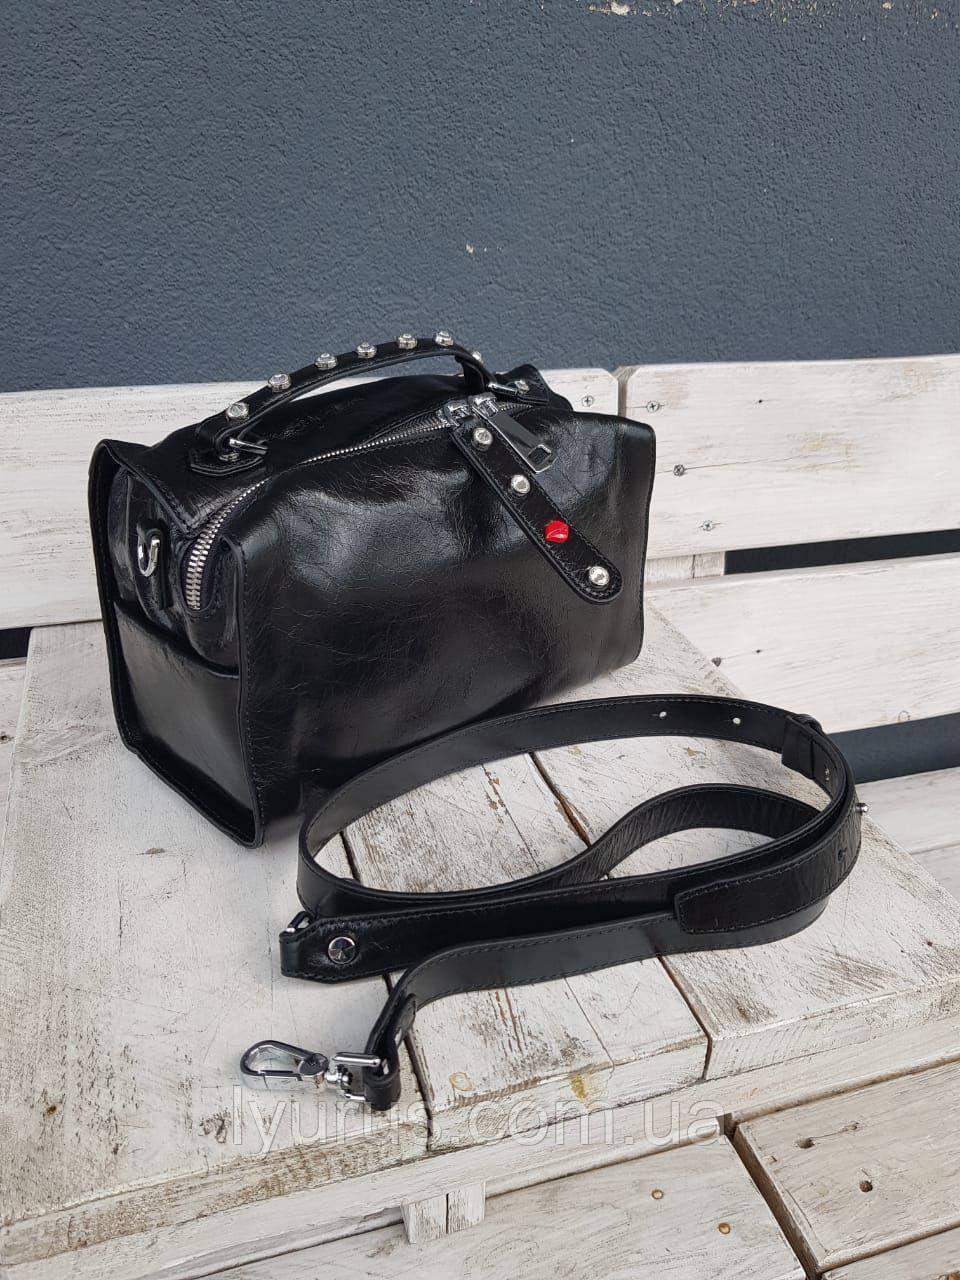 Кожаная женская сумка размером 26x14x15 см Черная (01066)